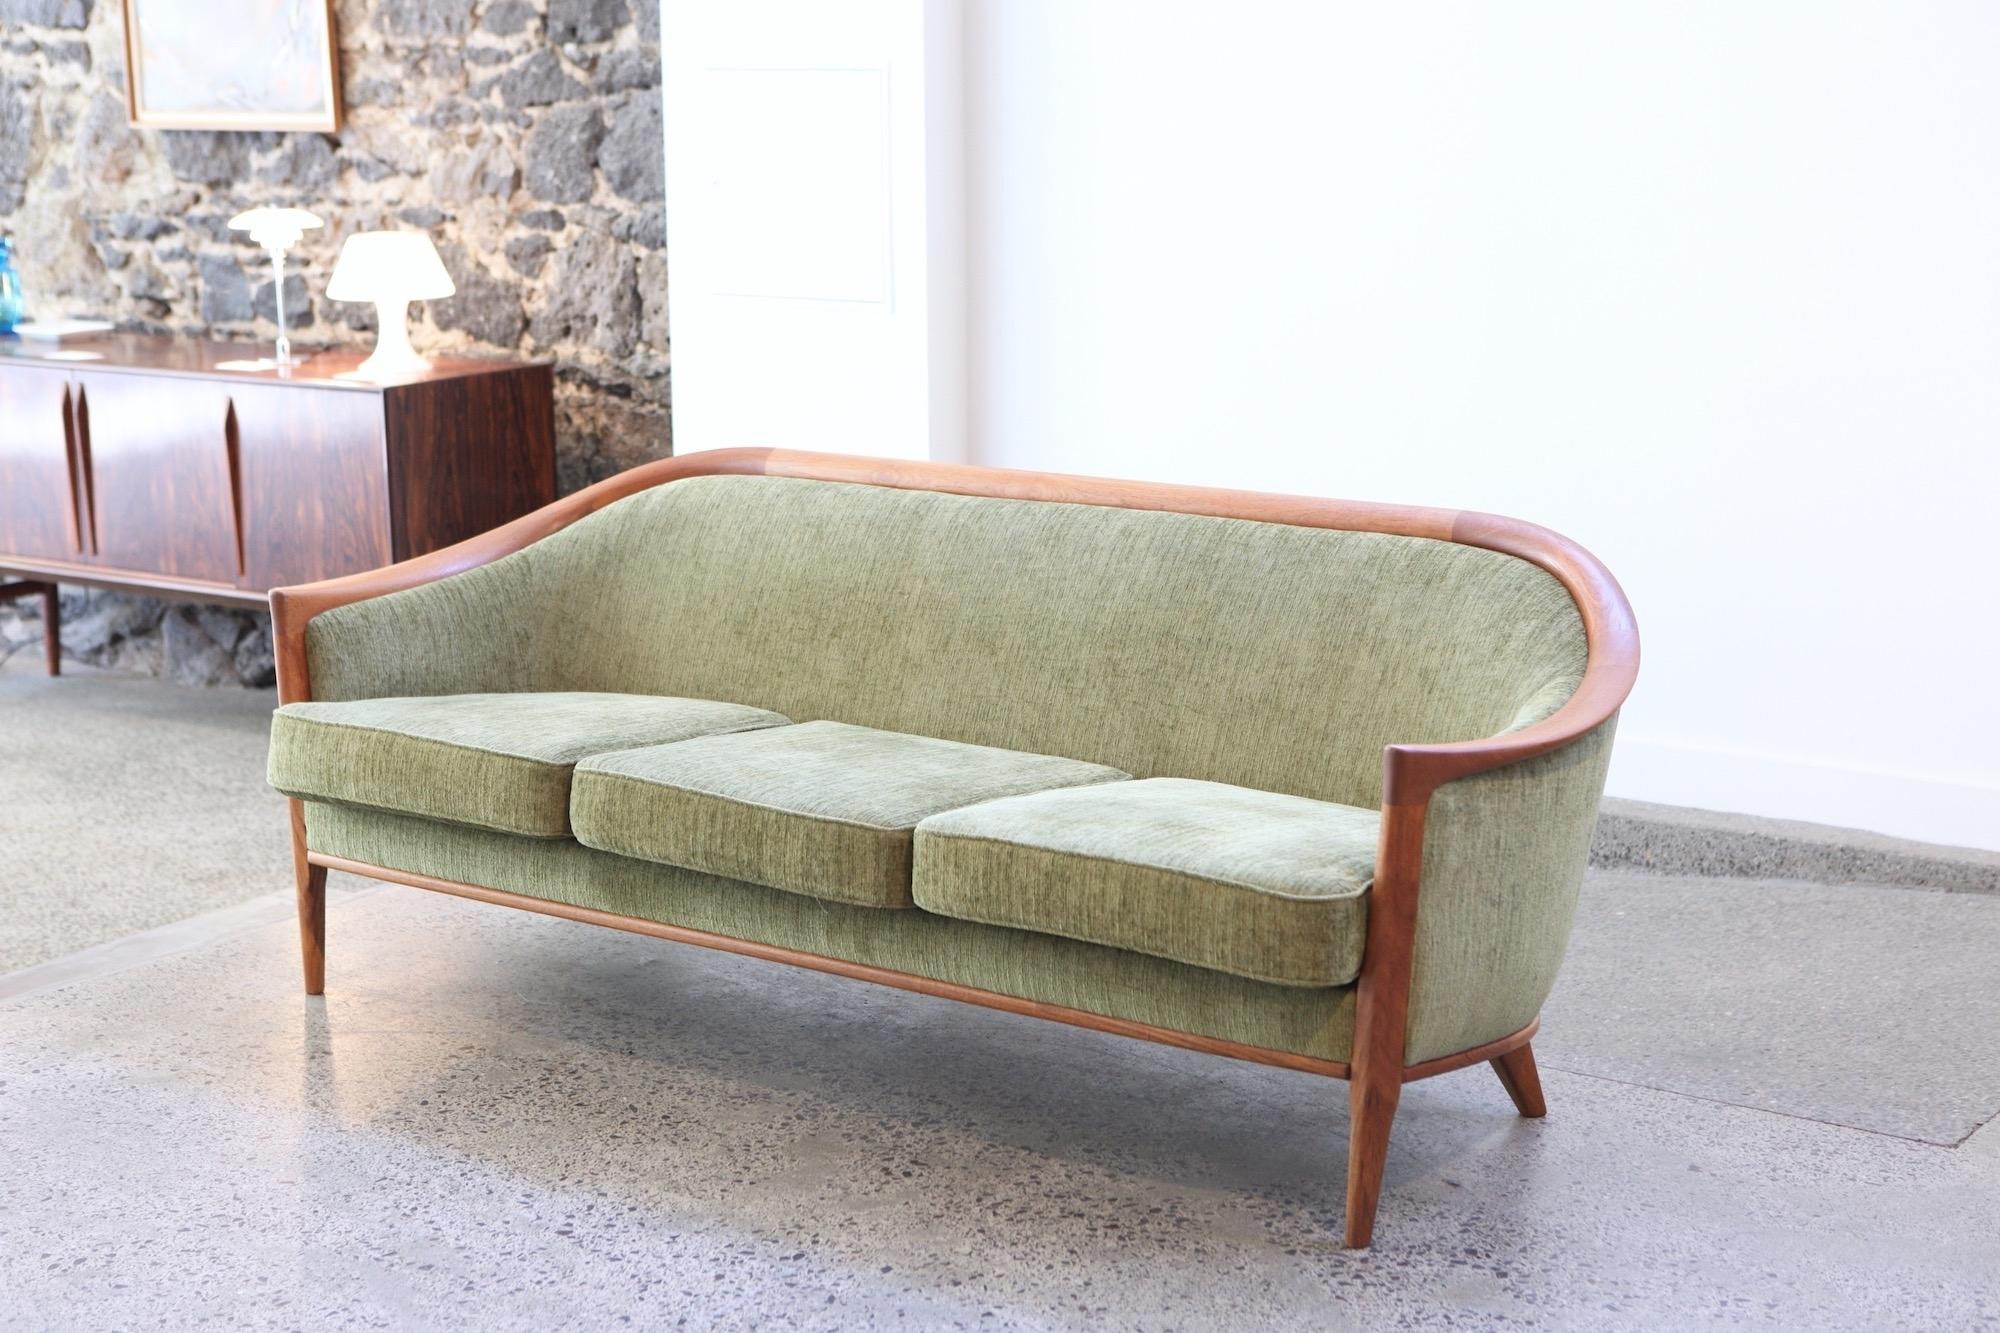 Vintage Sofas – Radar Within Trendy Vintage Sofas (View 13 of 15)